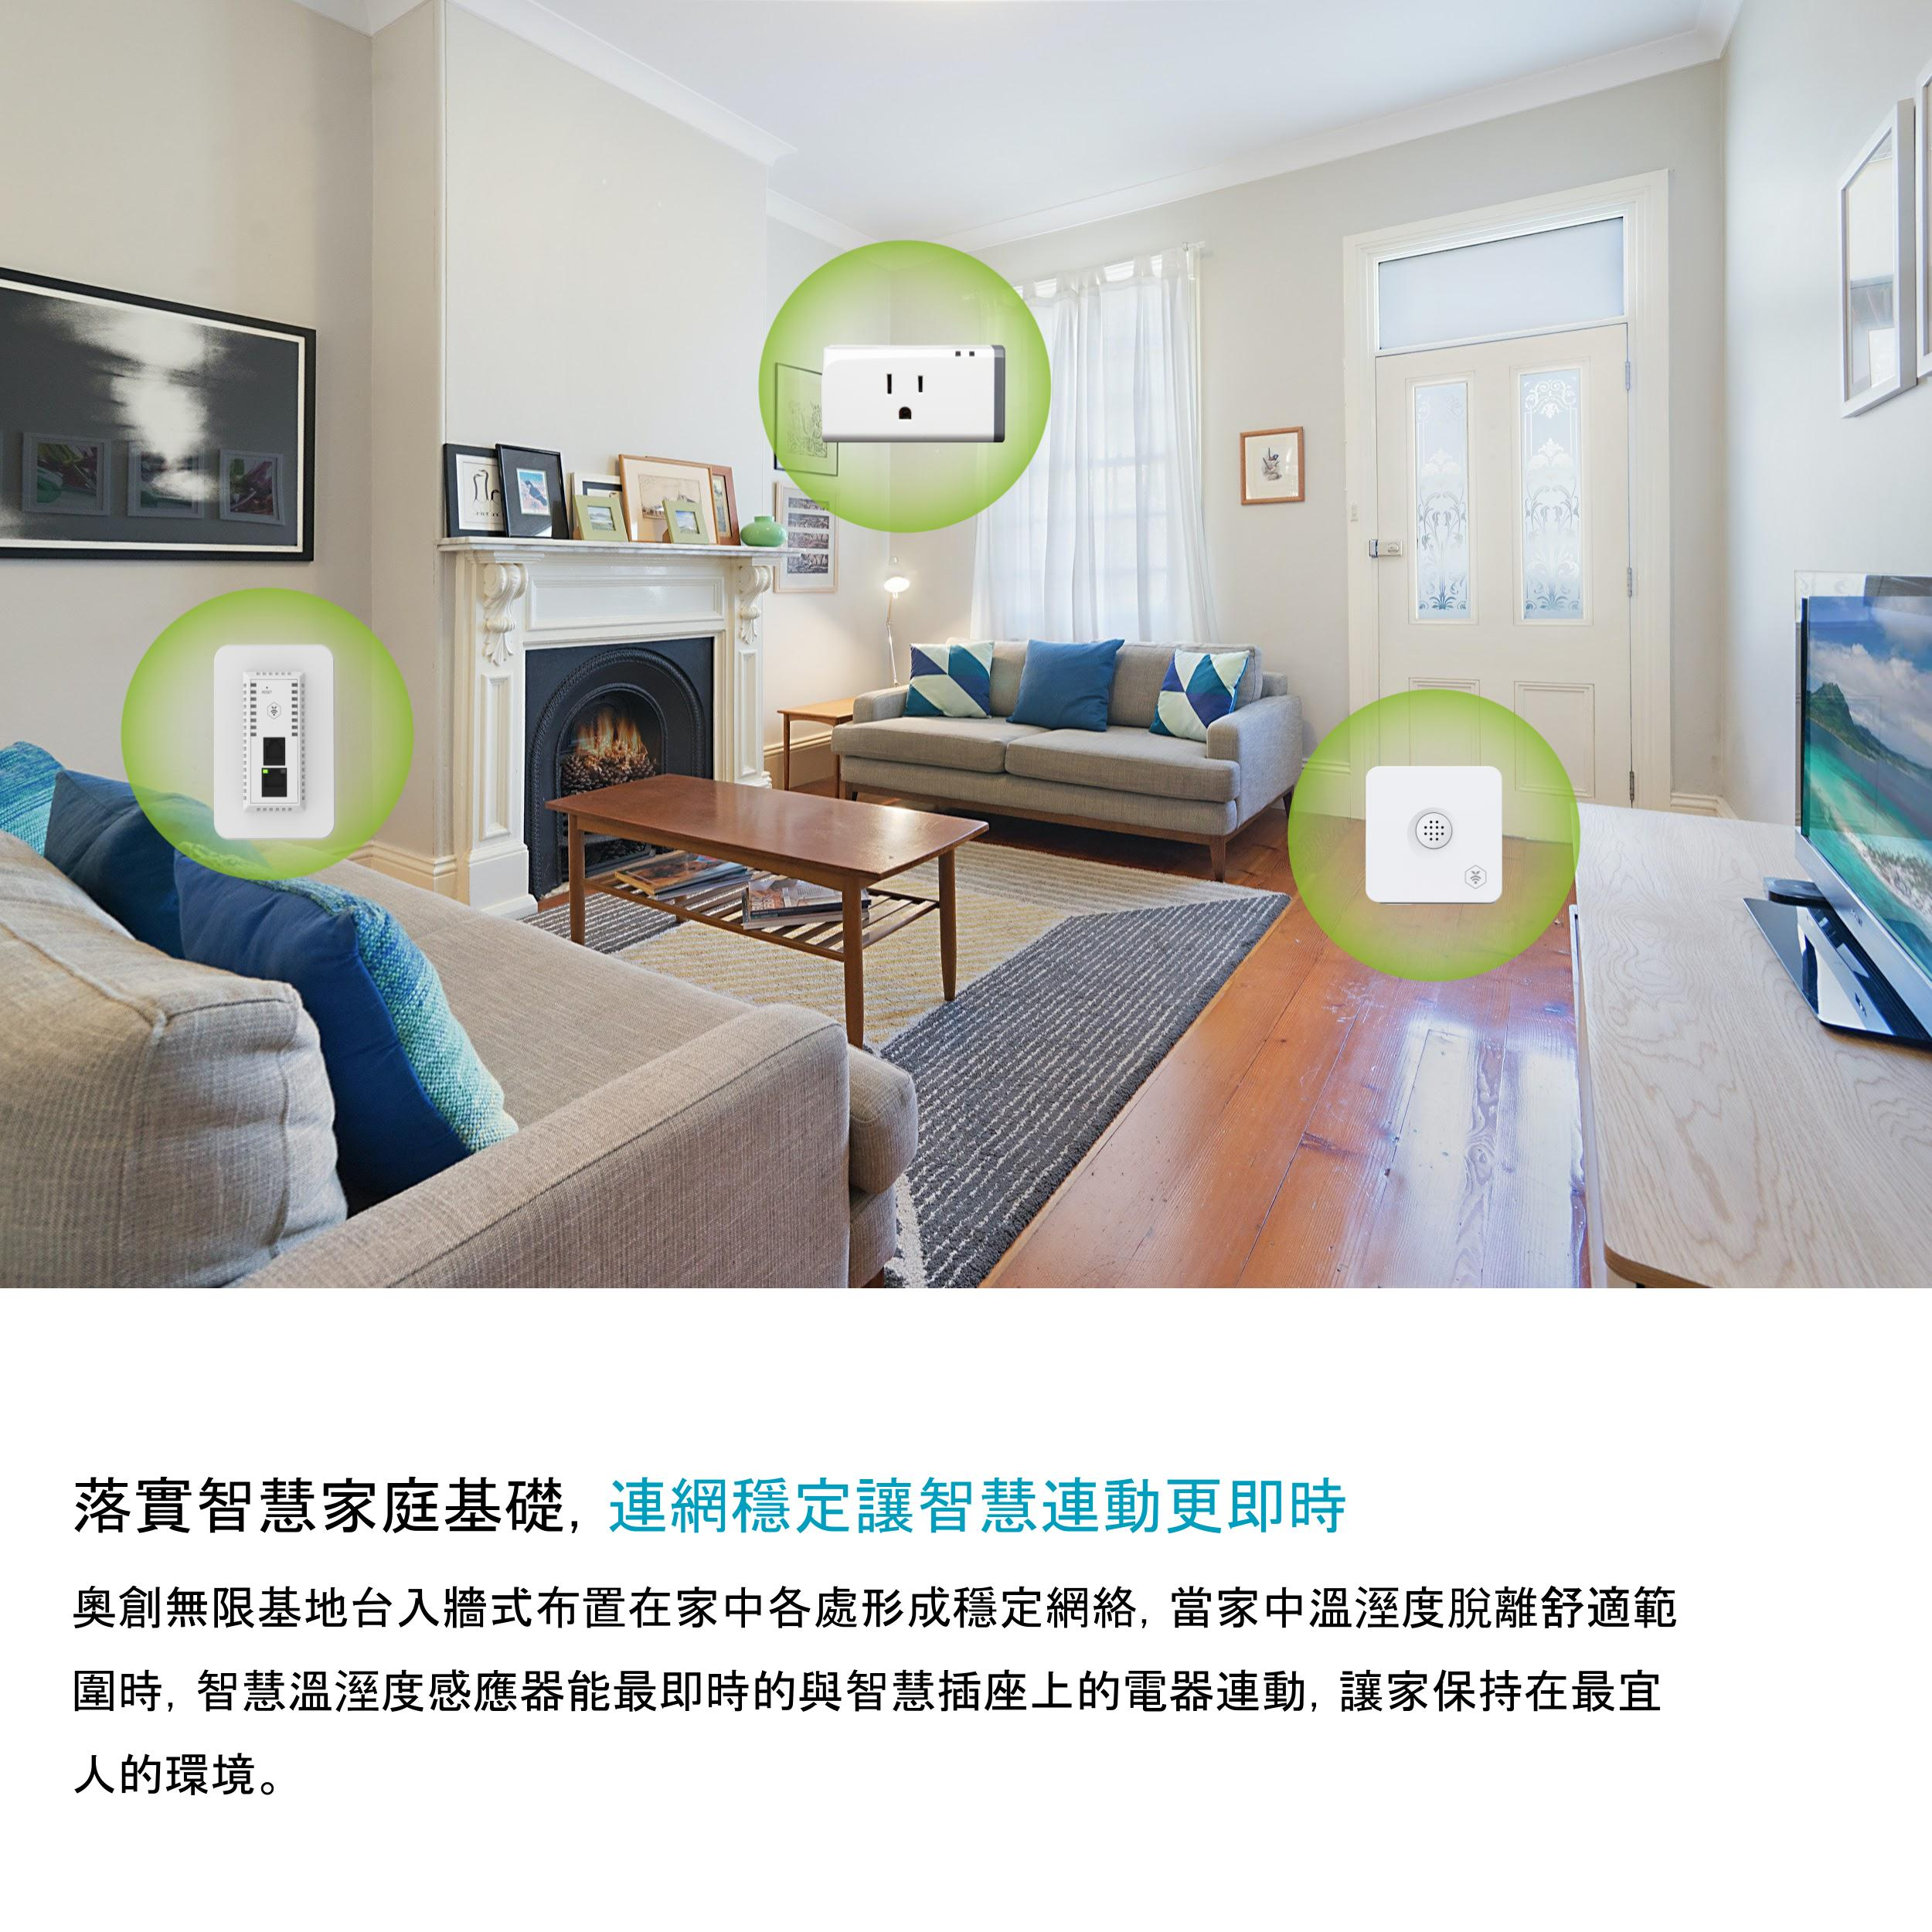 奧創無限基地台C1 三合一面板完美整合有線網路、無線網路和電話線